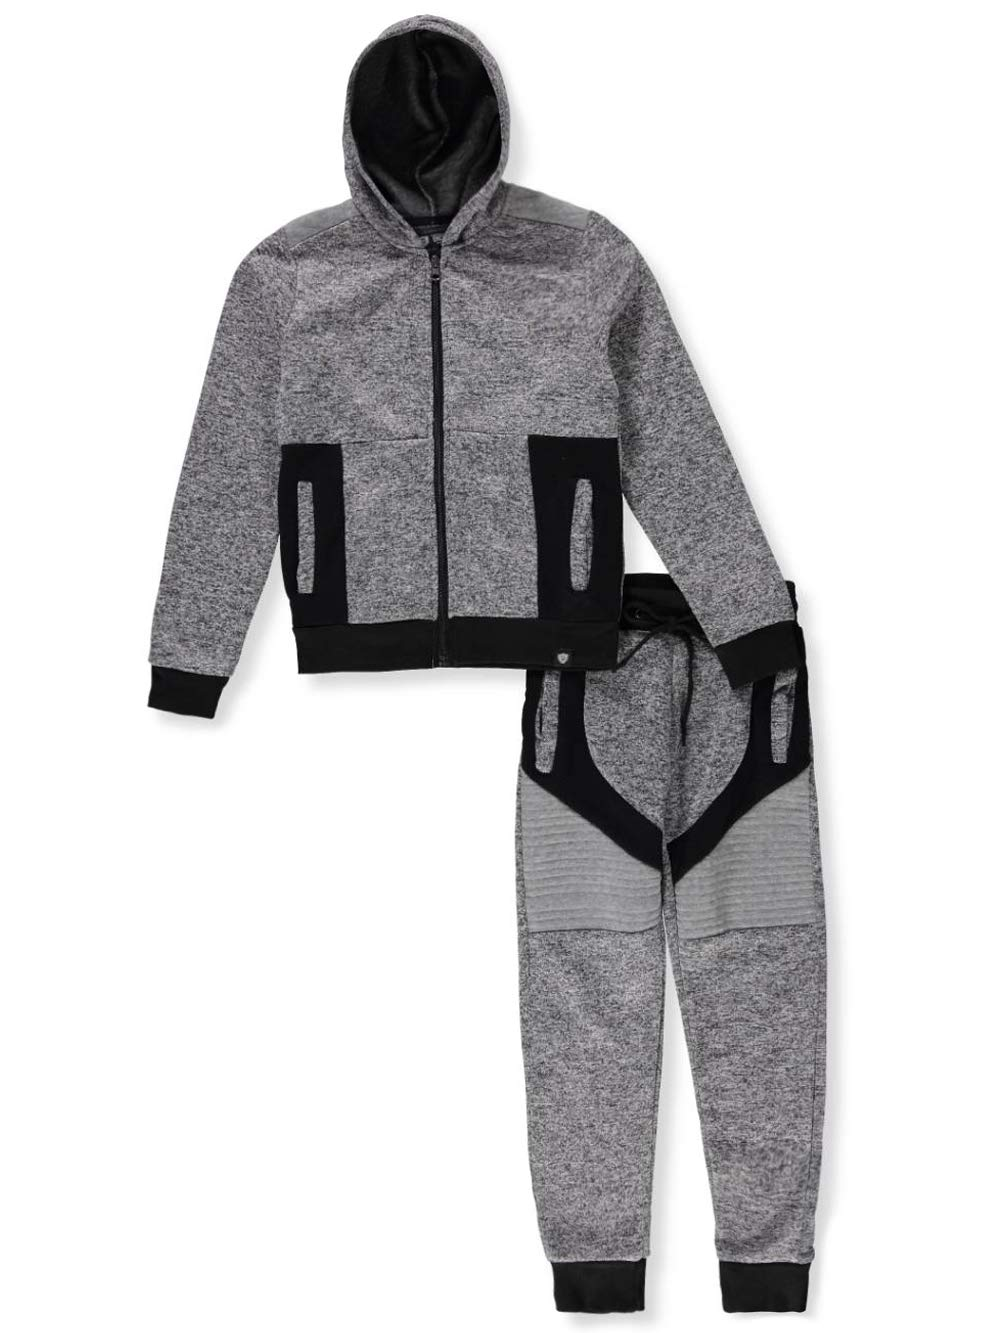 Encrypted Boys' 2-Piece Sweatsuit Pants Set